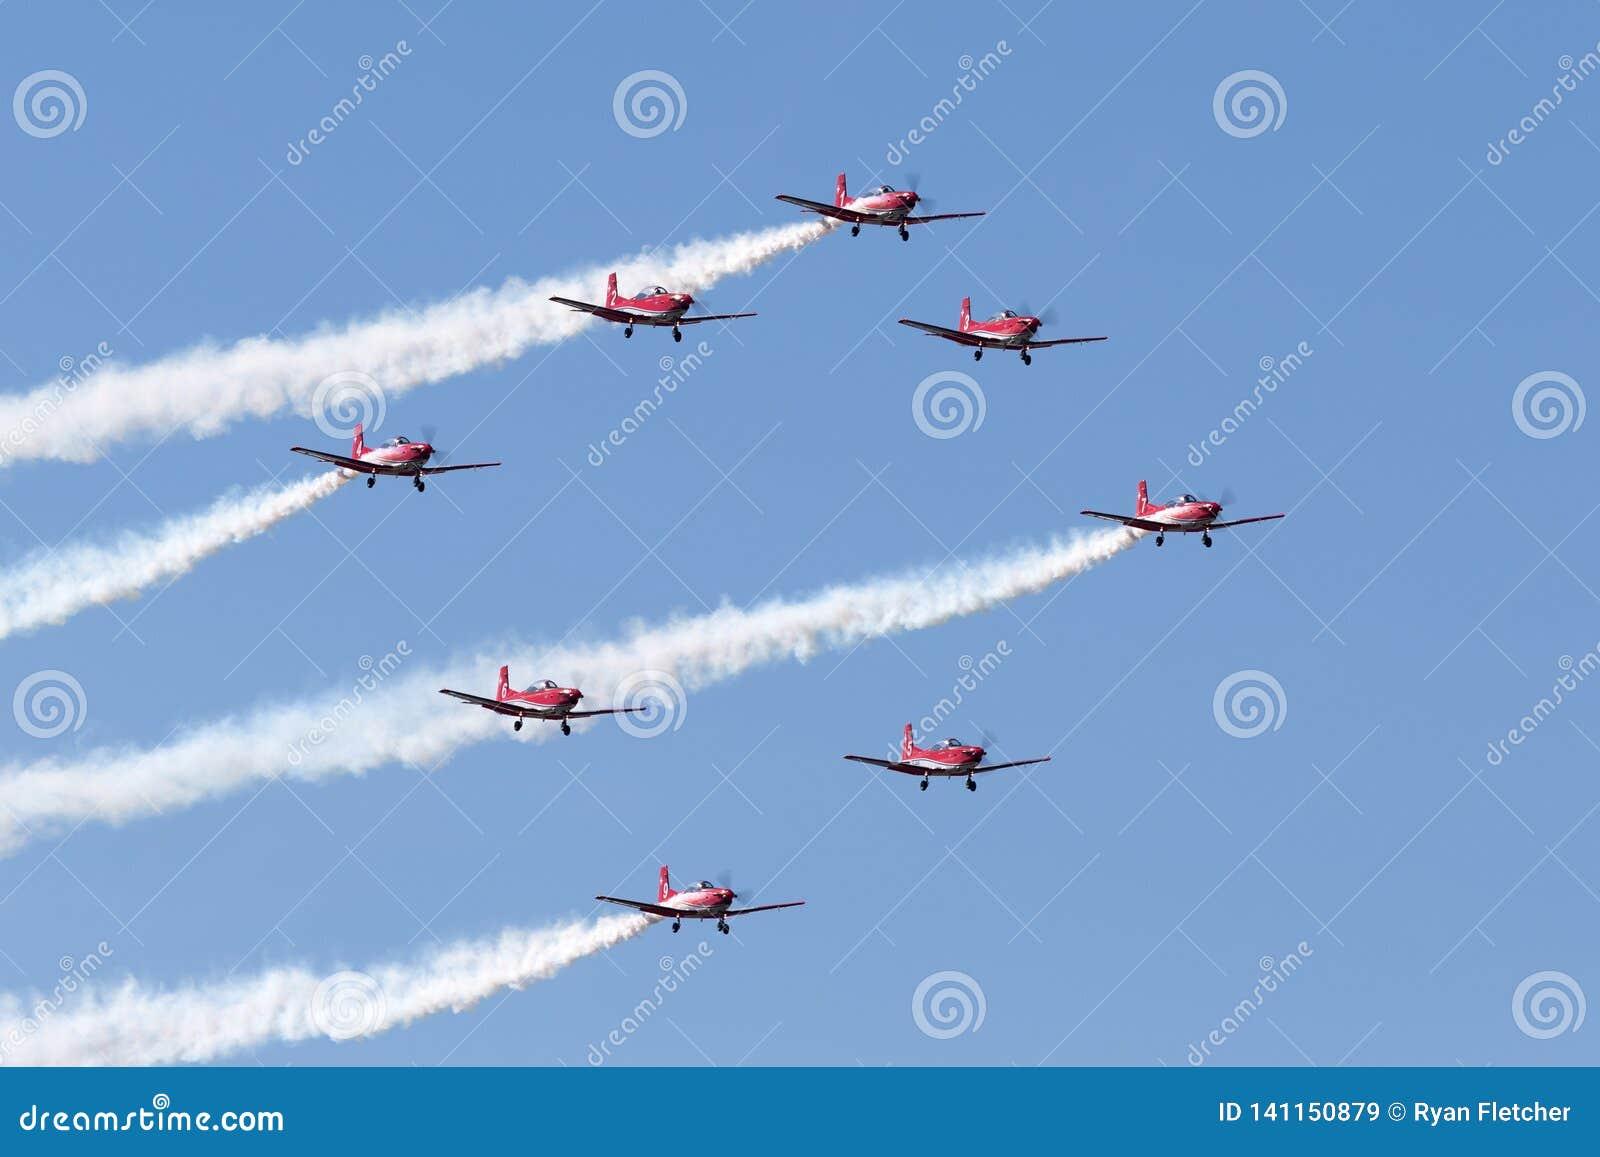 Swiss Air-Kracht PC-7 vertoningsteam die Pilatus vliegen PC-7 trainervliegtuigen